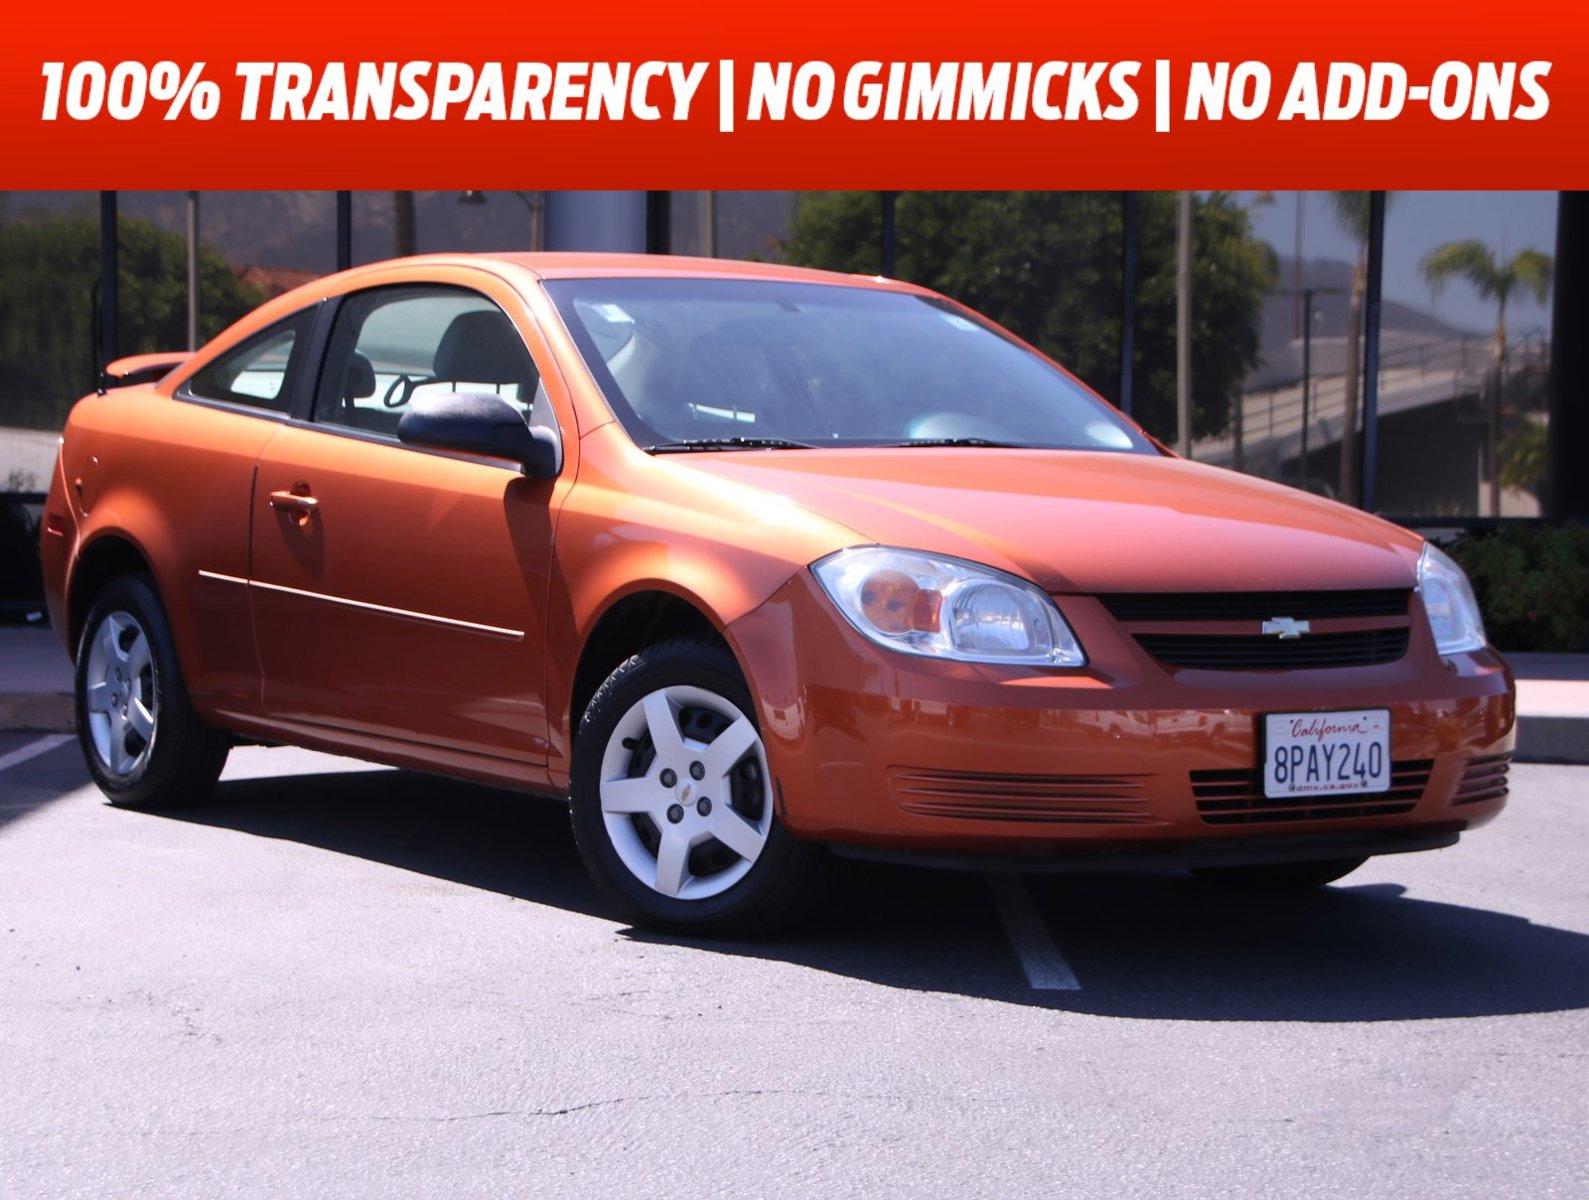 2005 Chevrolet Cobalt 2dr Cpe Gas L4 2.2L/134 [6]